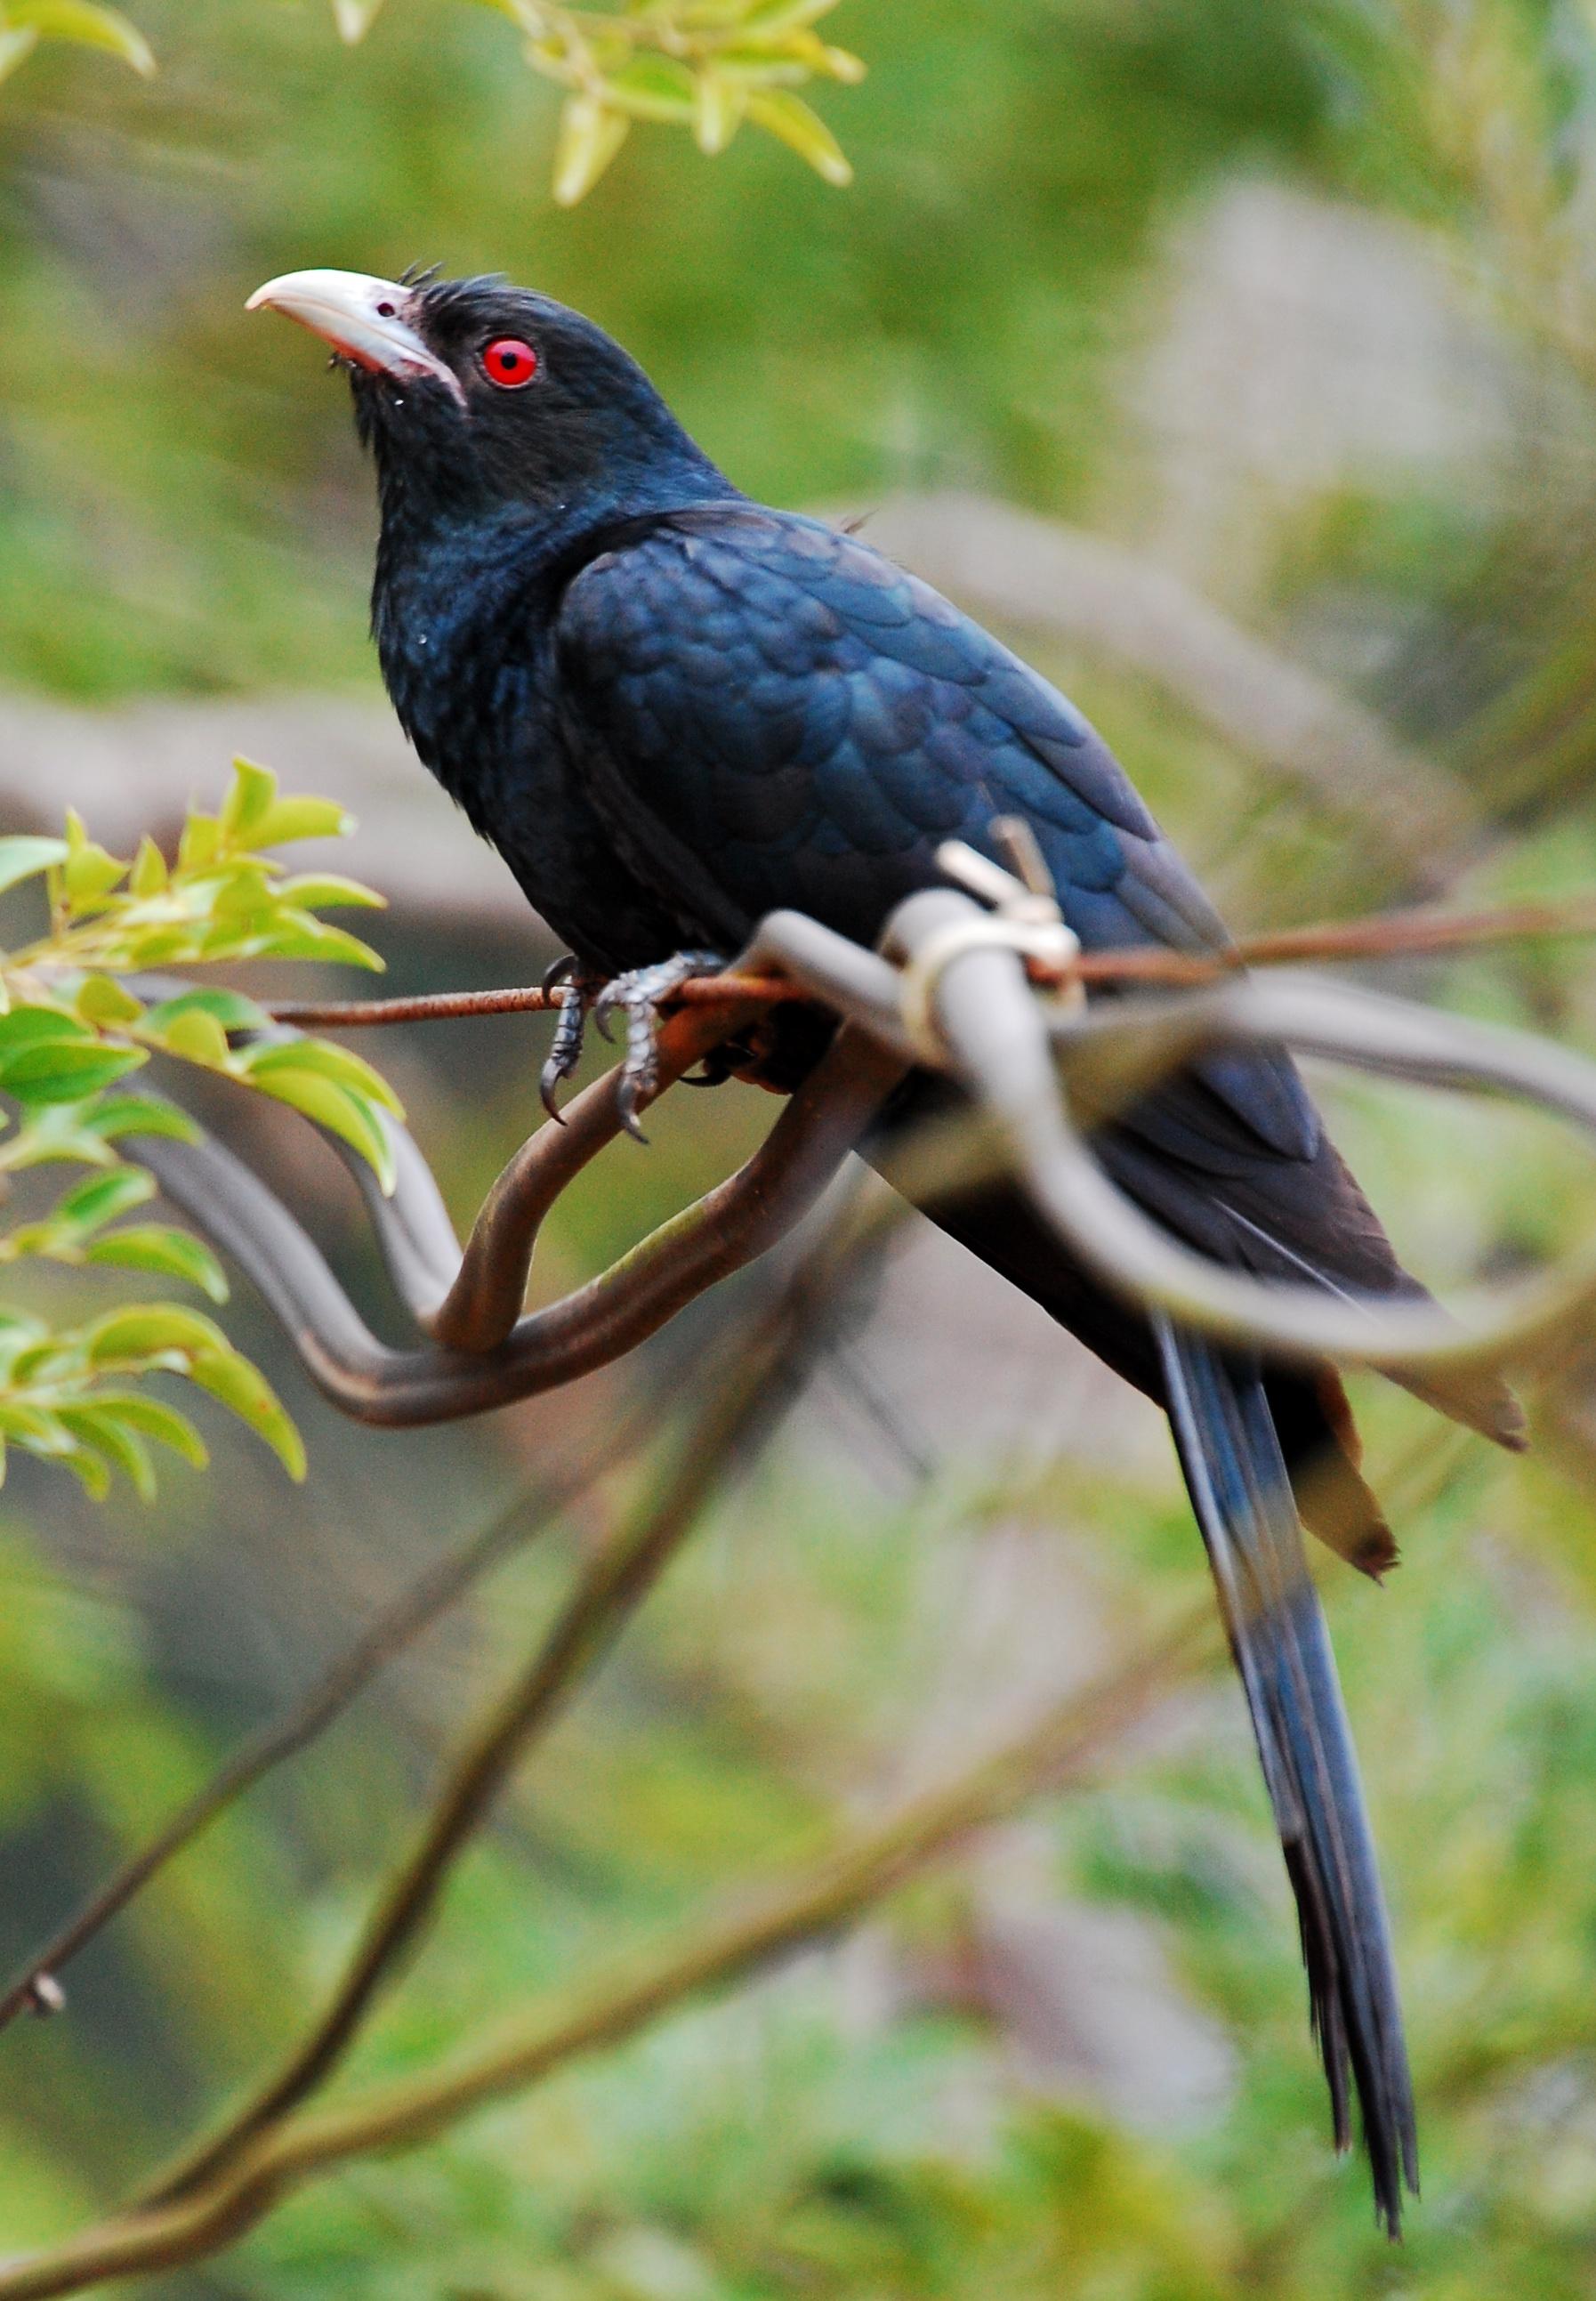 Common Koel Male